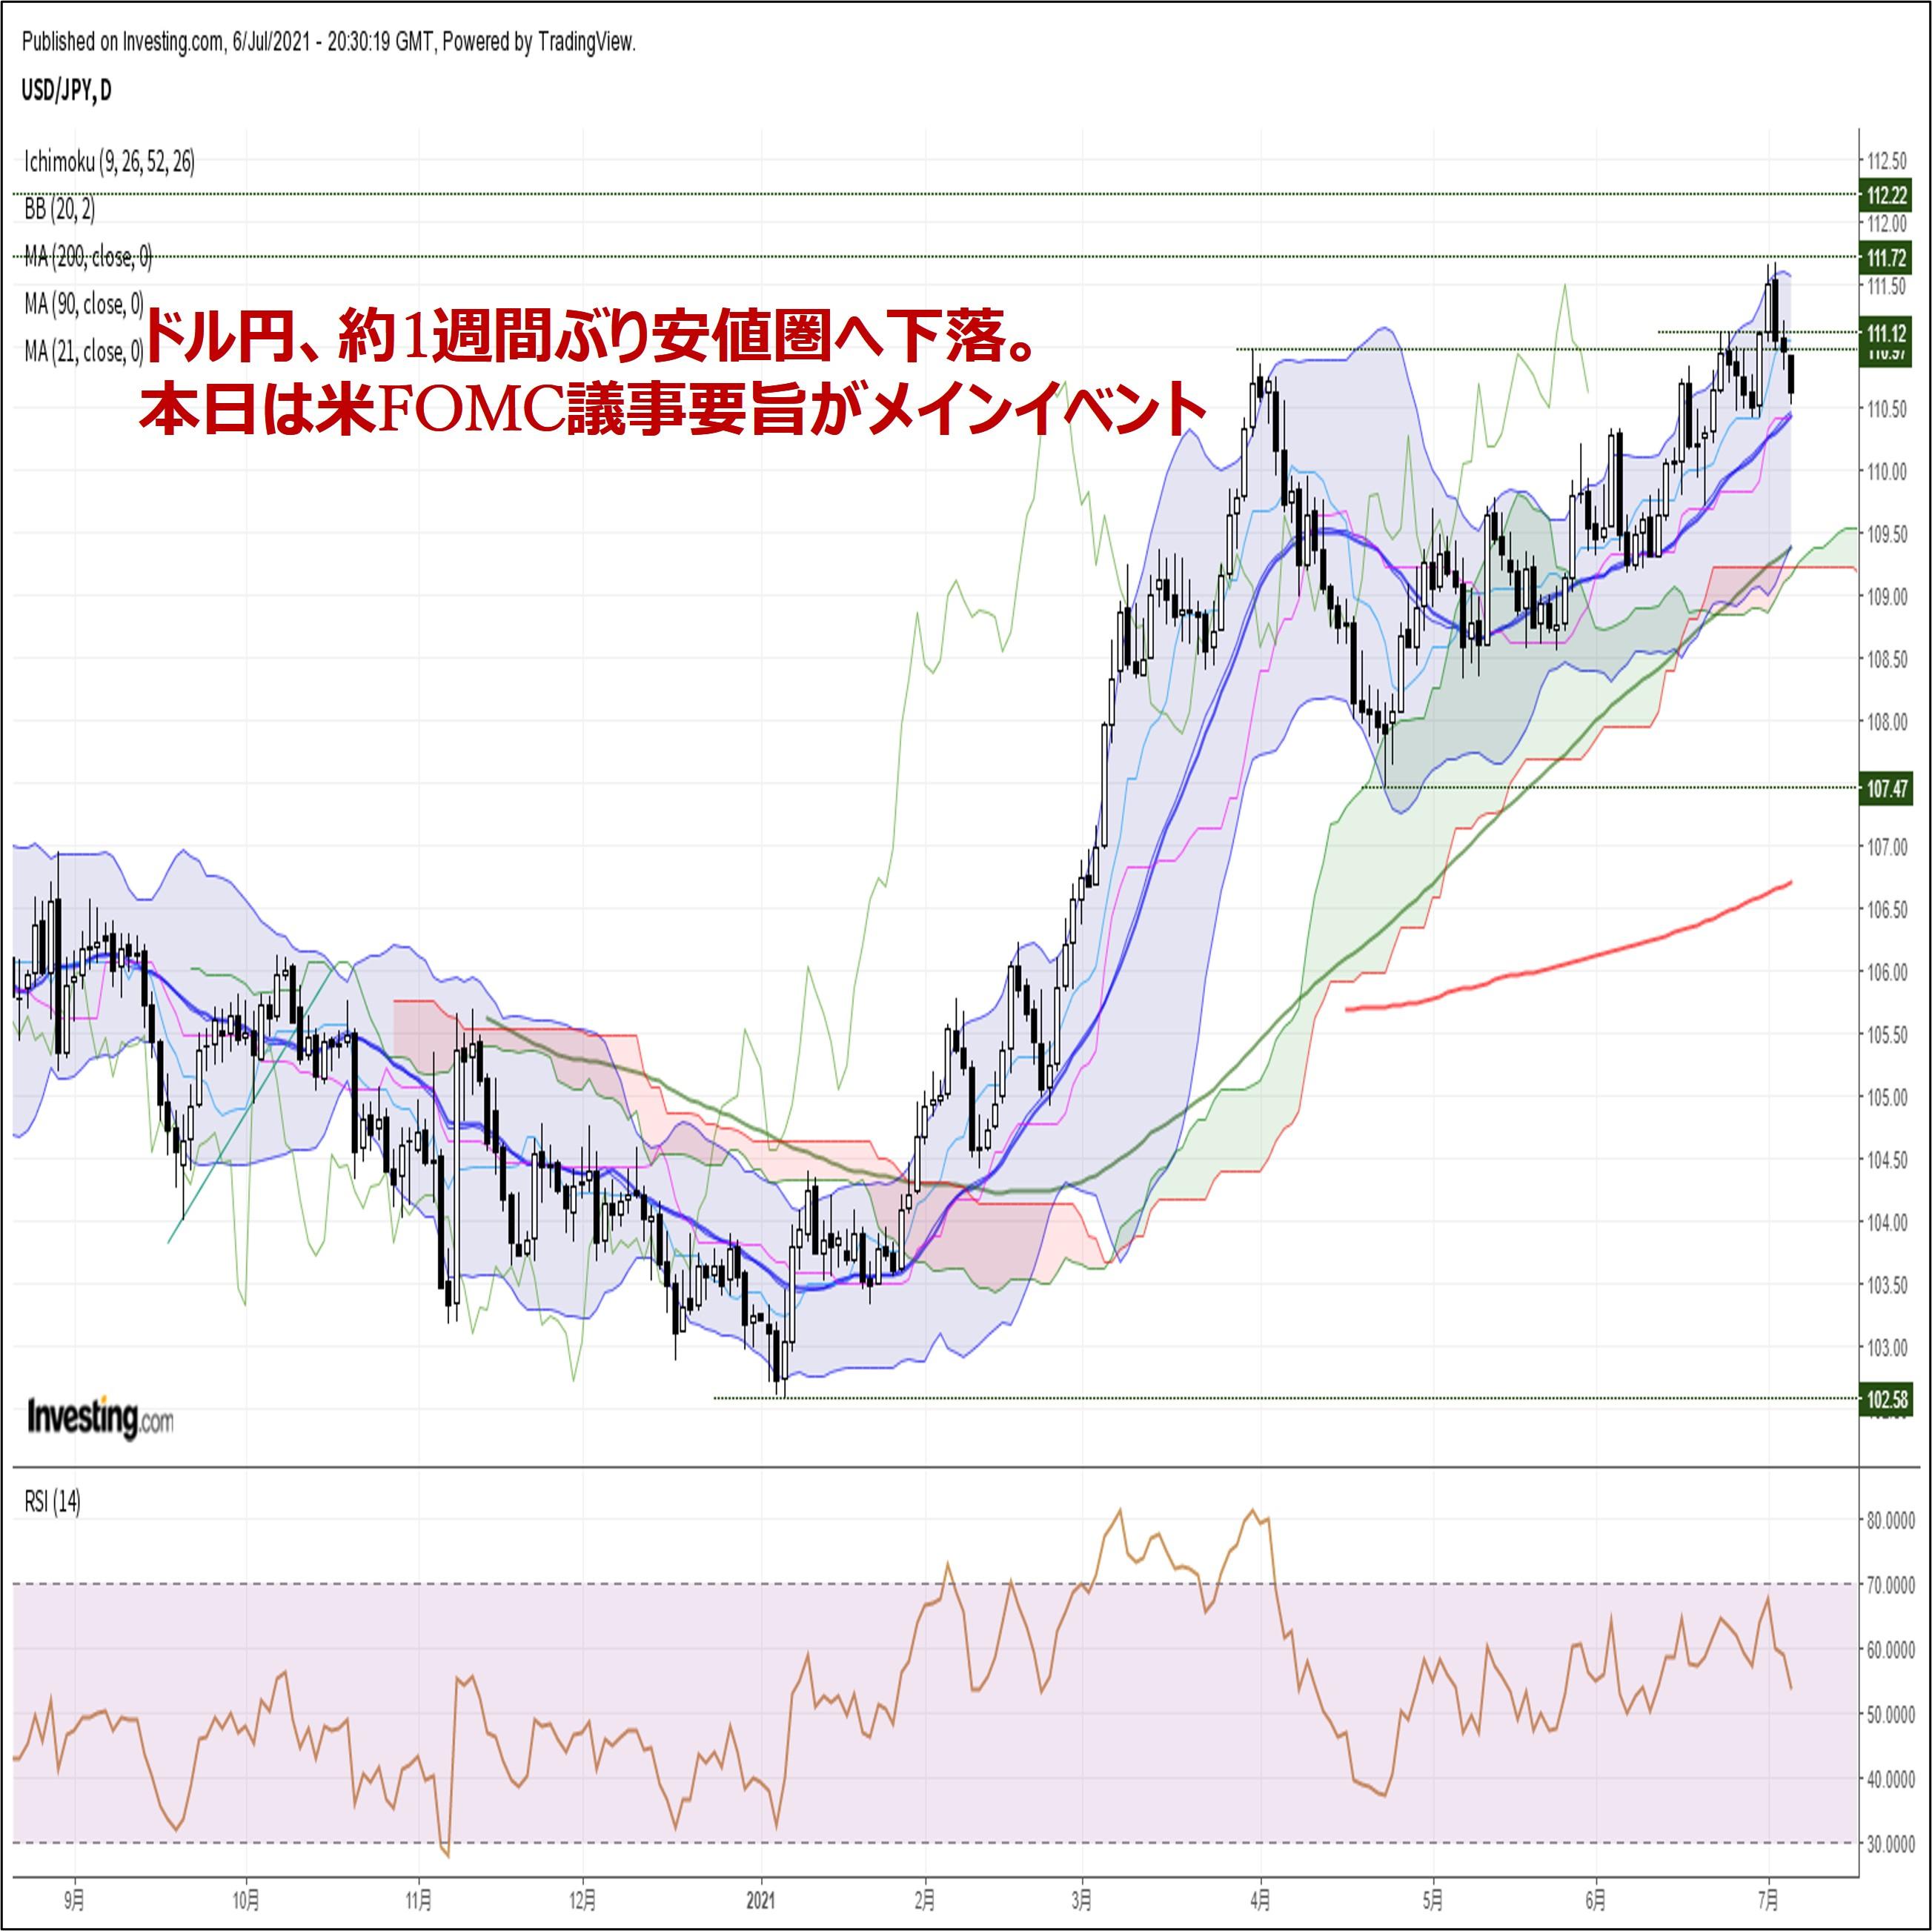 ドル円、約1週間ぶり安値圏へ下落。本日は米FOMC議事要旨がメインイベント(7/7朝)